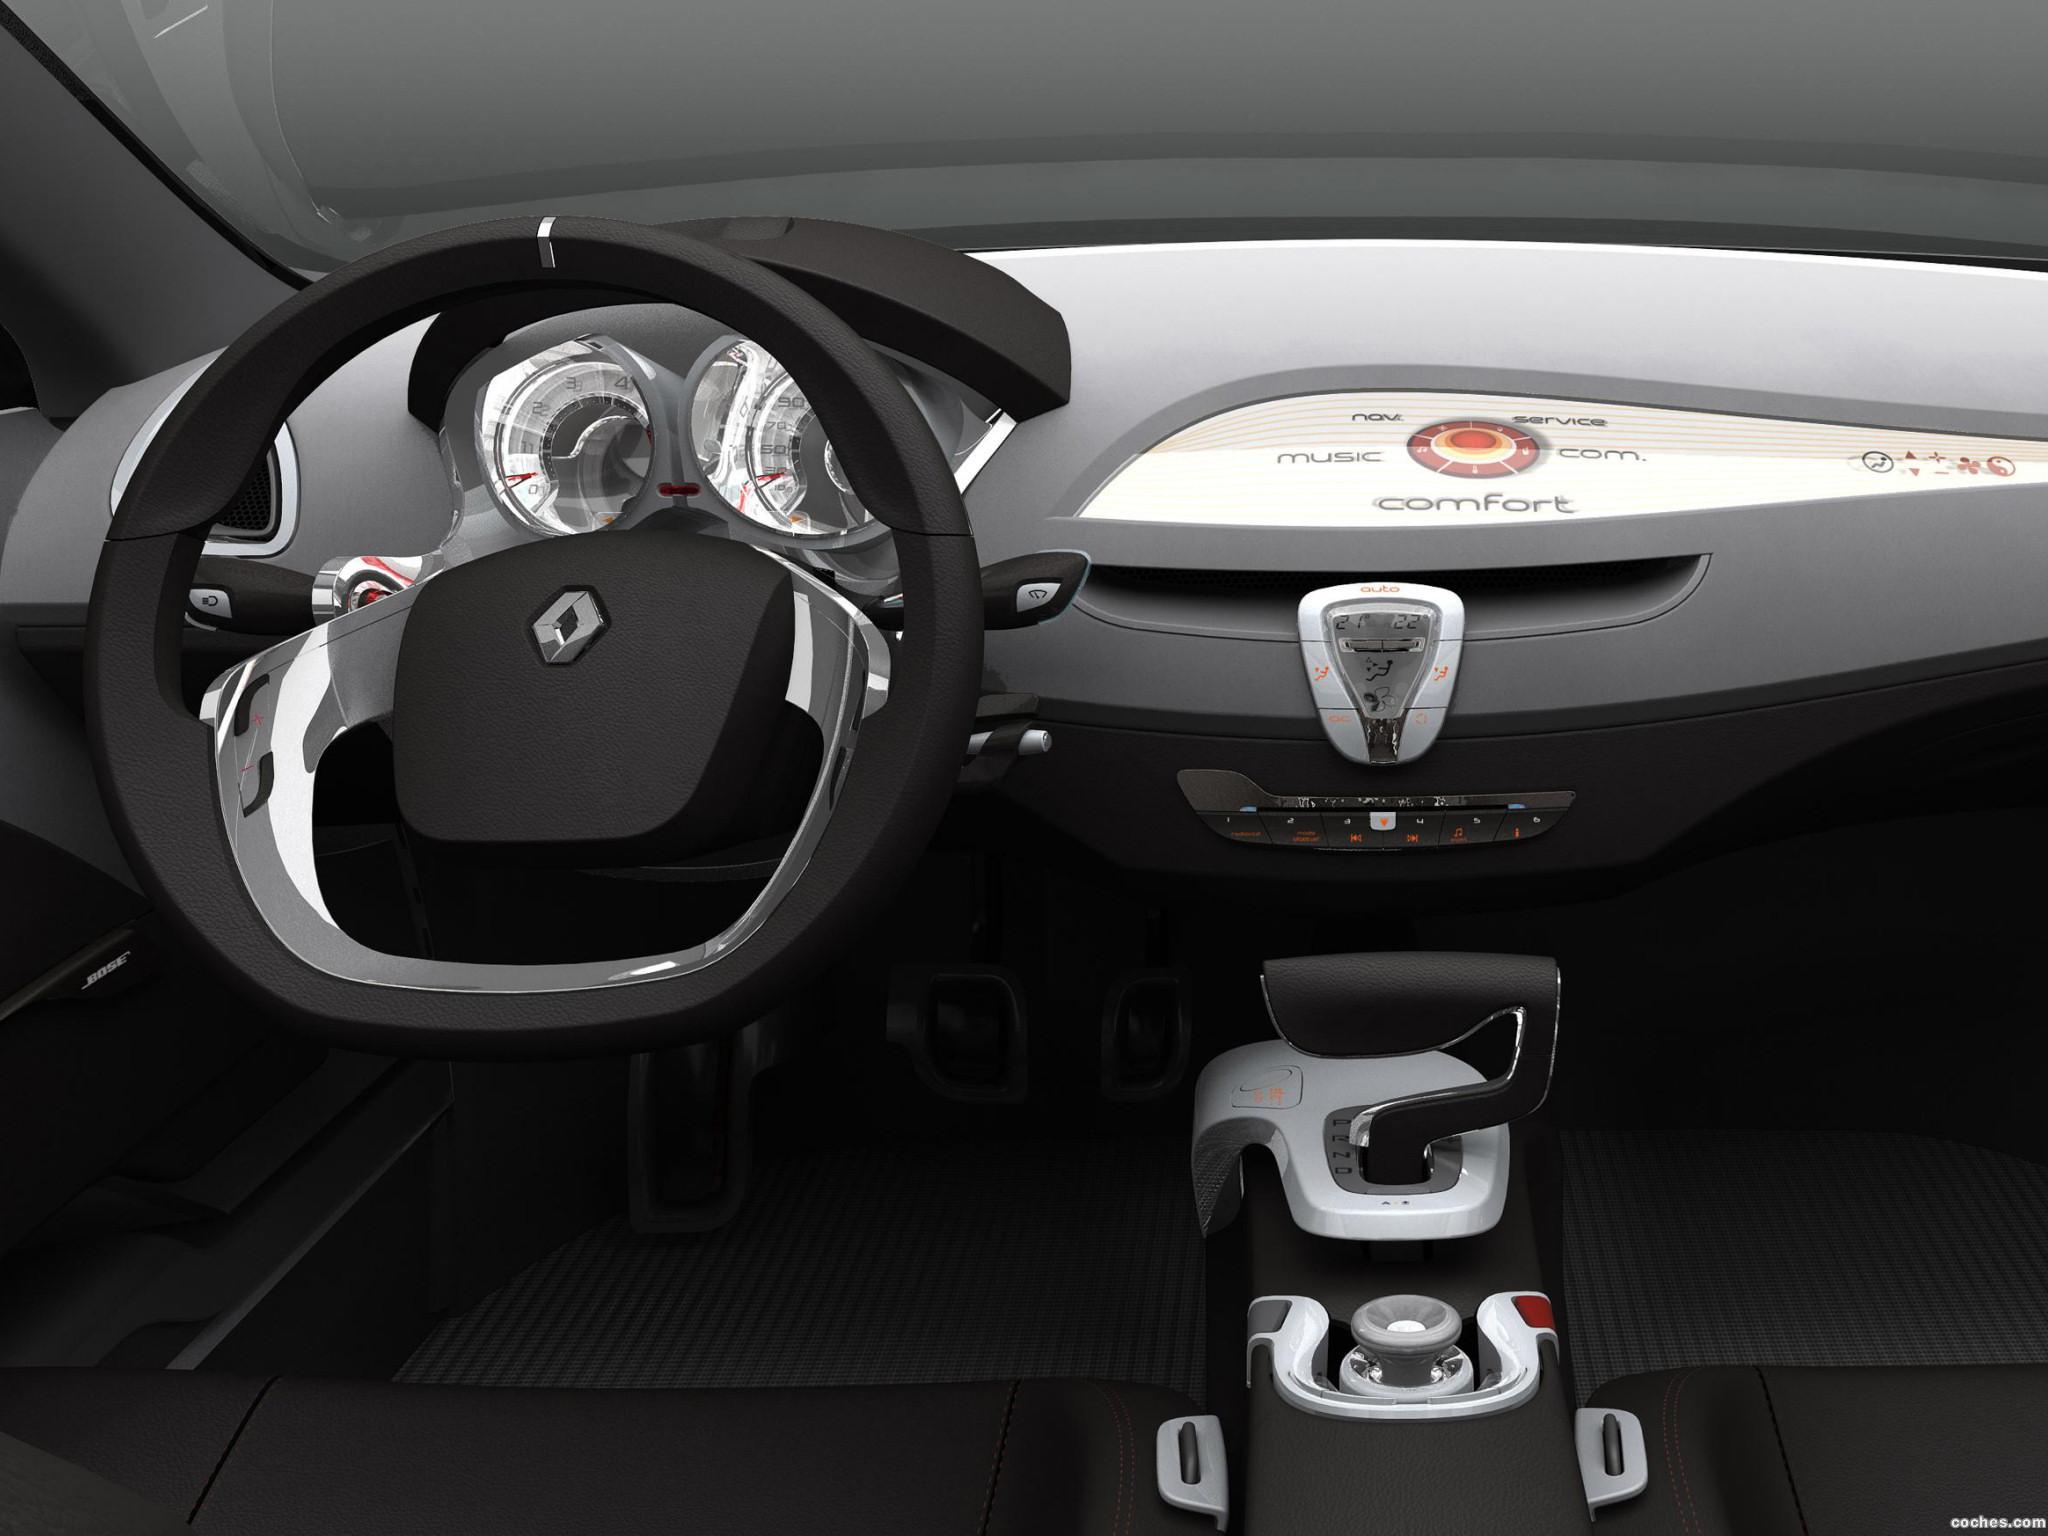 Foto 3 de Renault Laguna Coupe Concept 2007